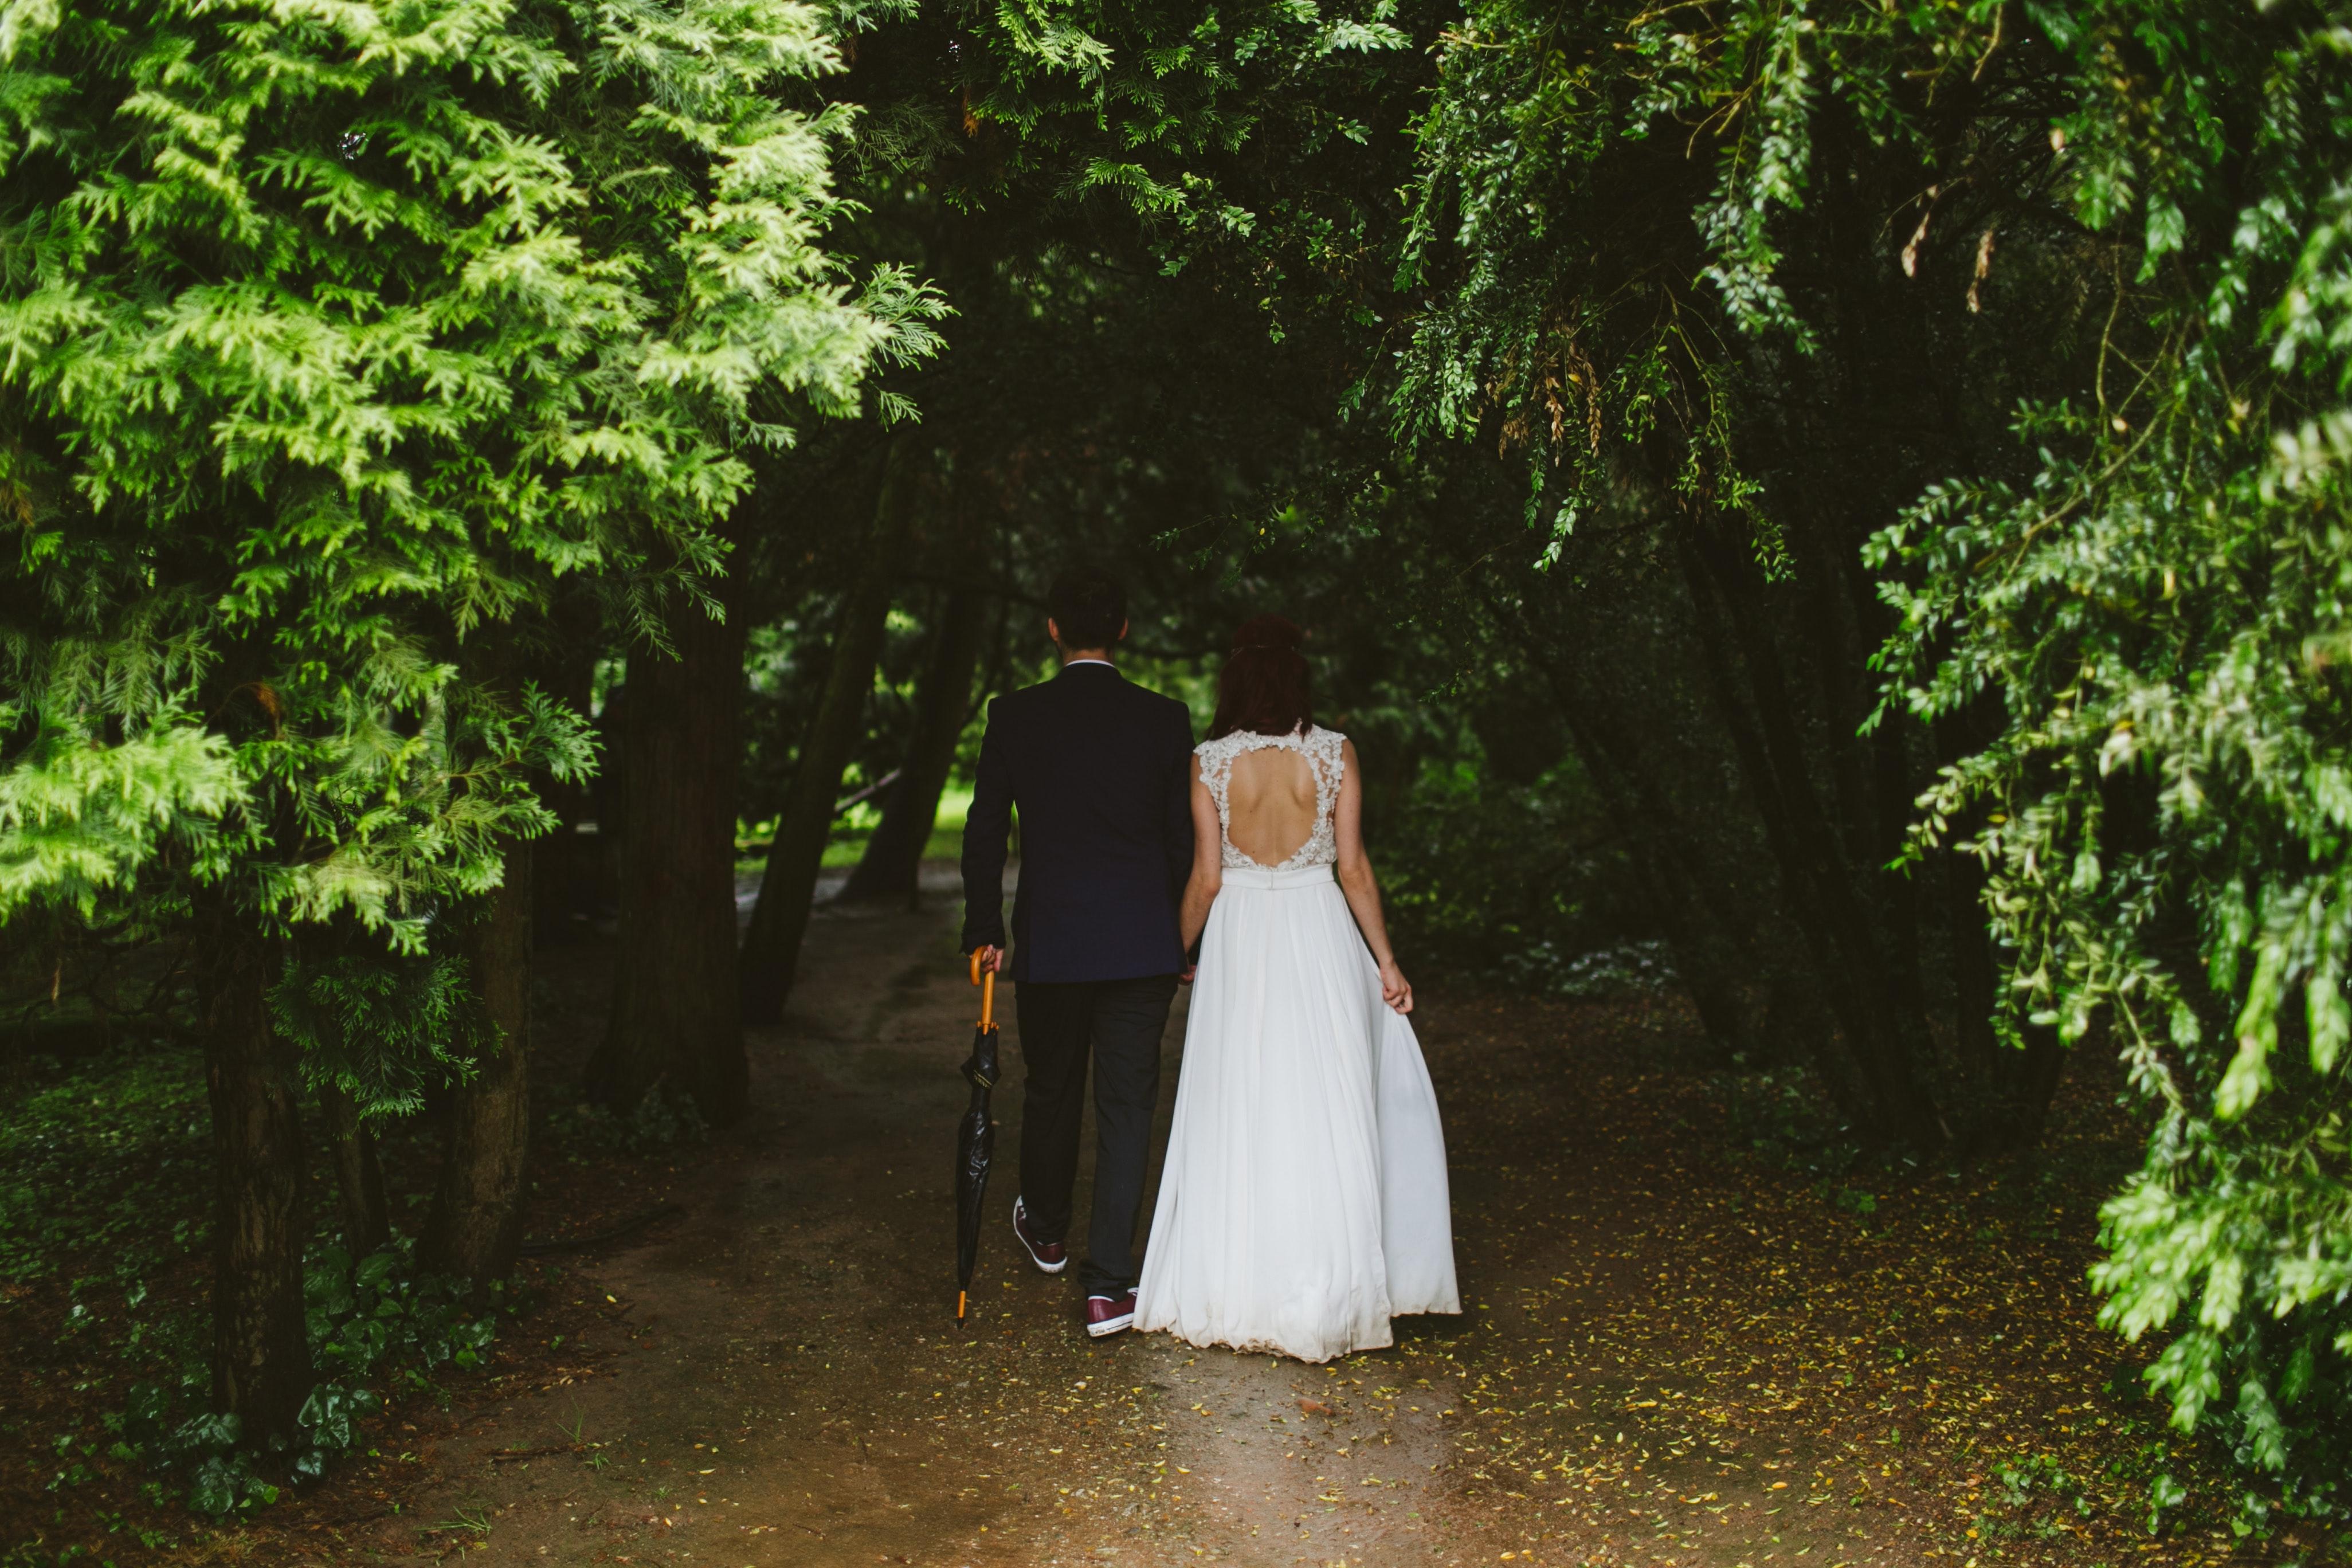 hôn nhân cung hoàng đạo cự giải